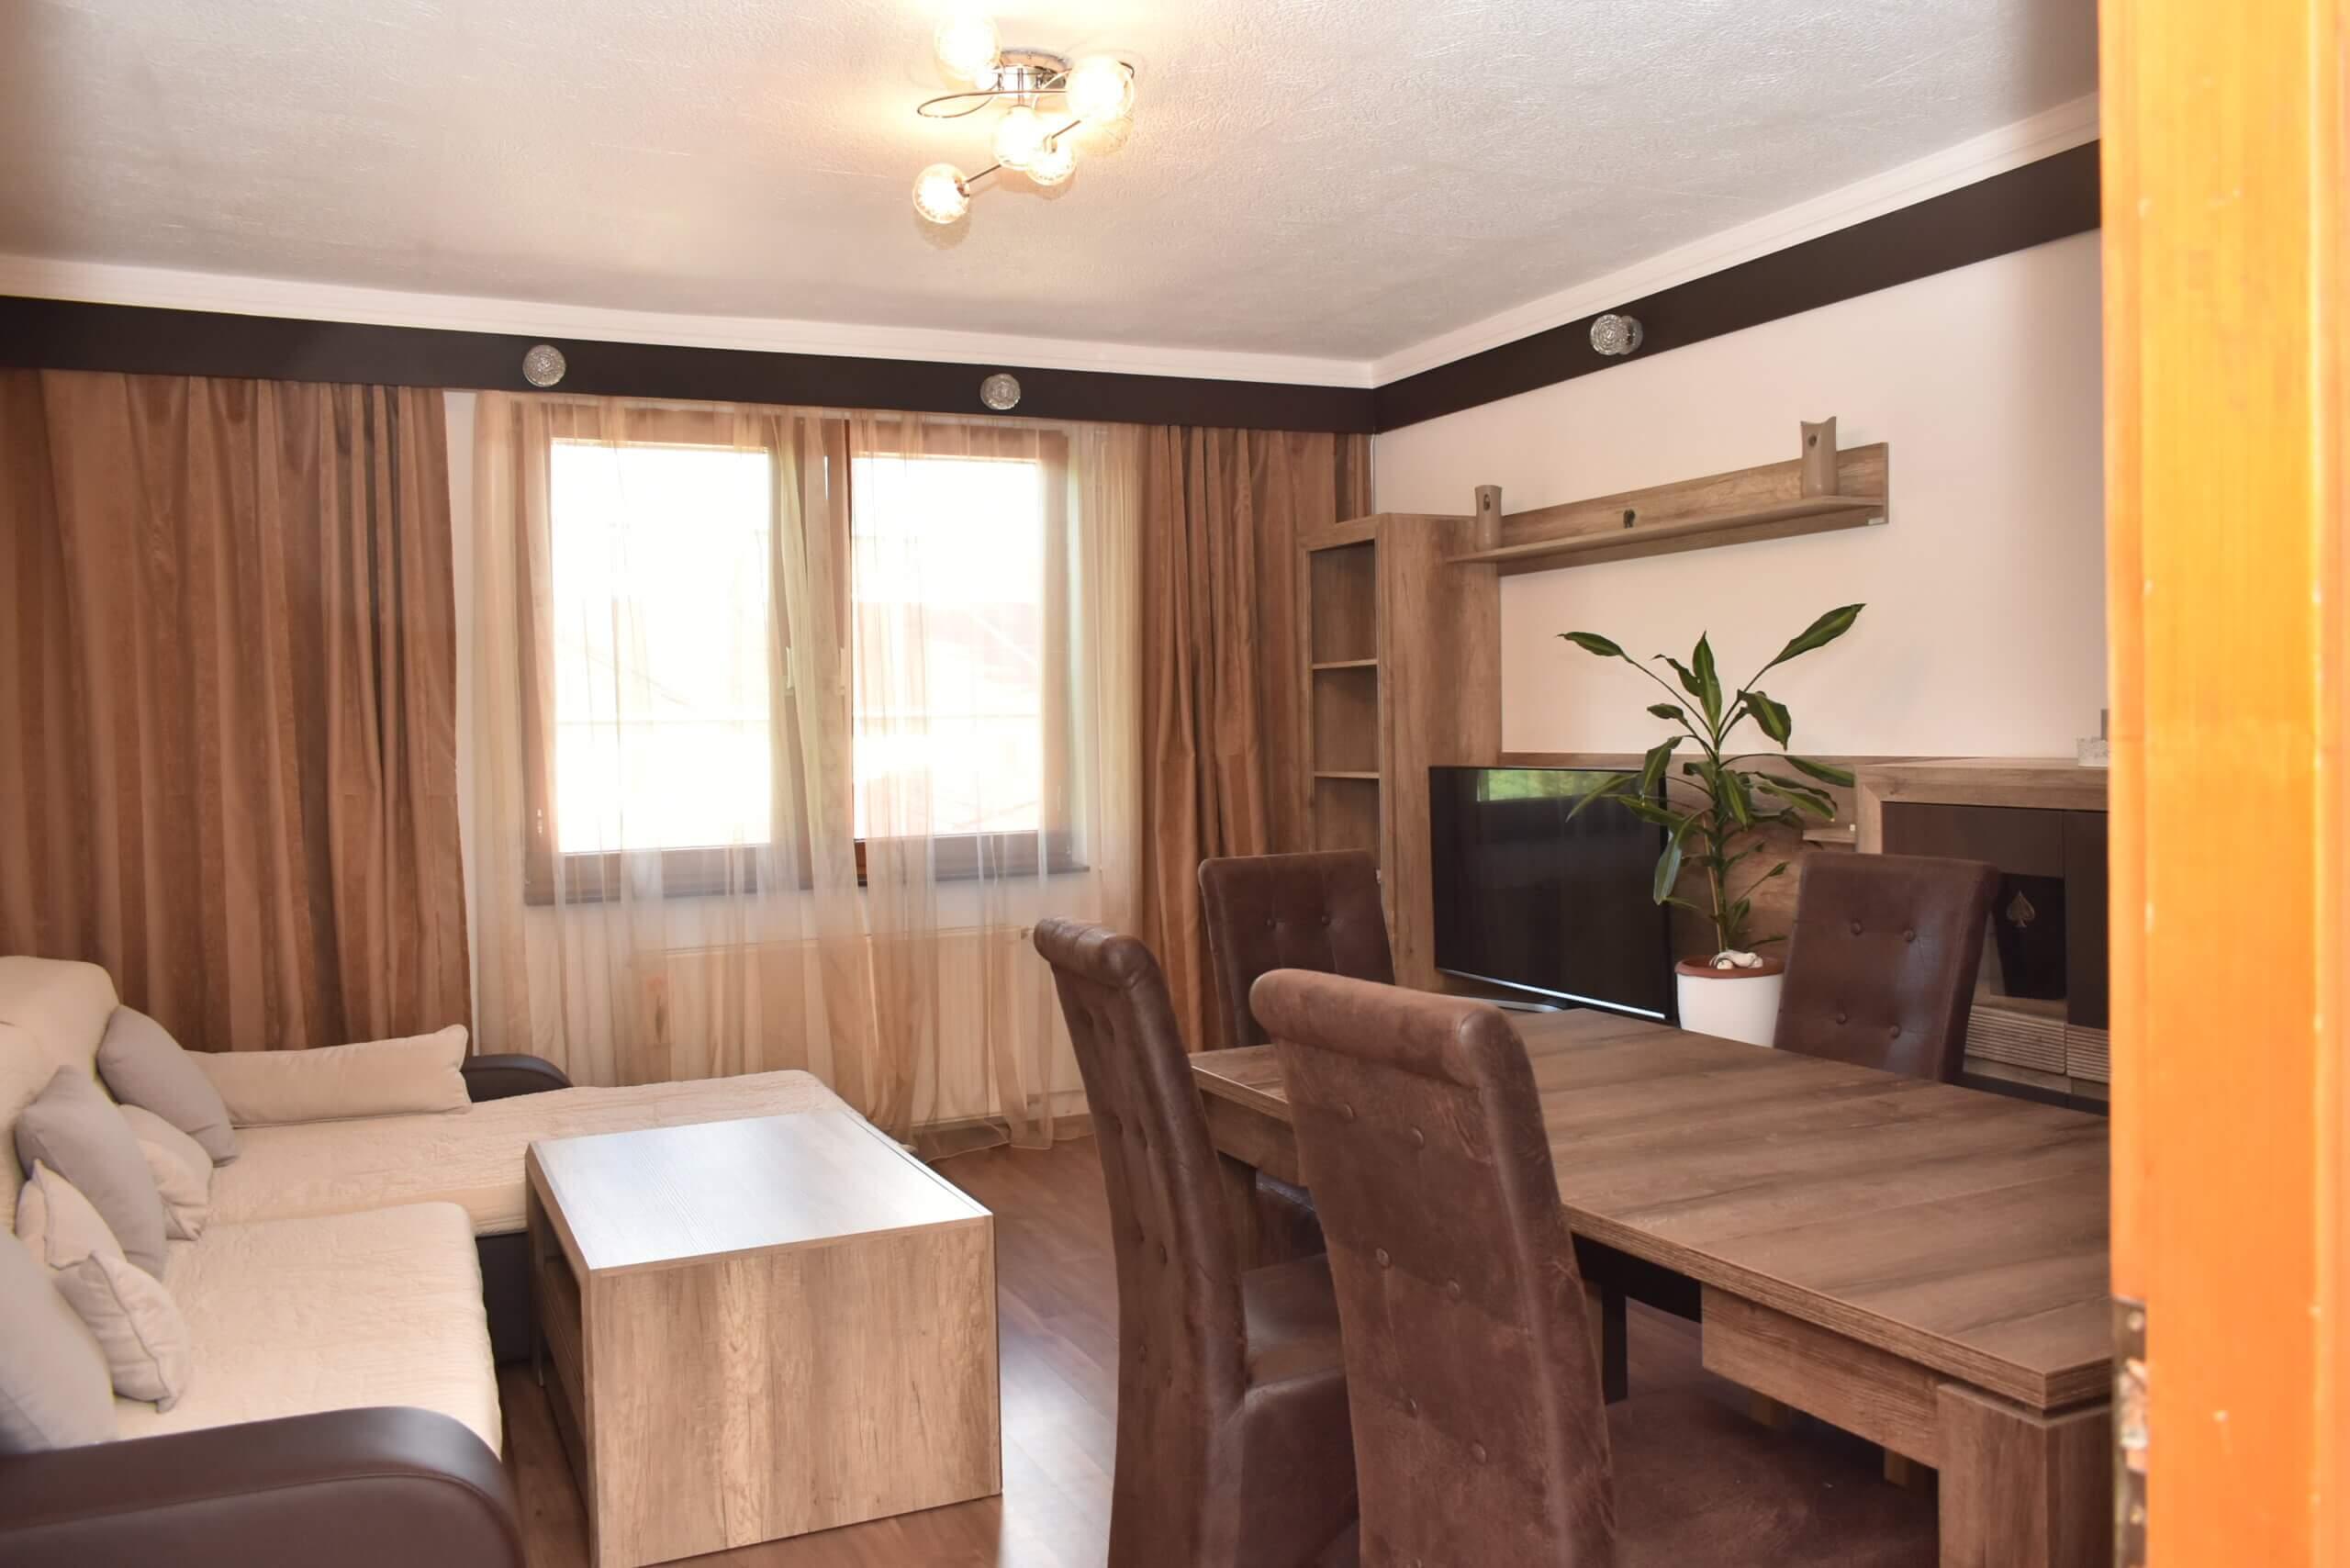 Megfizethető gyönyörűen felújított lakás Pesterzsébet központi részén!